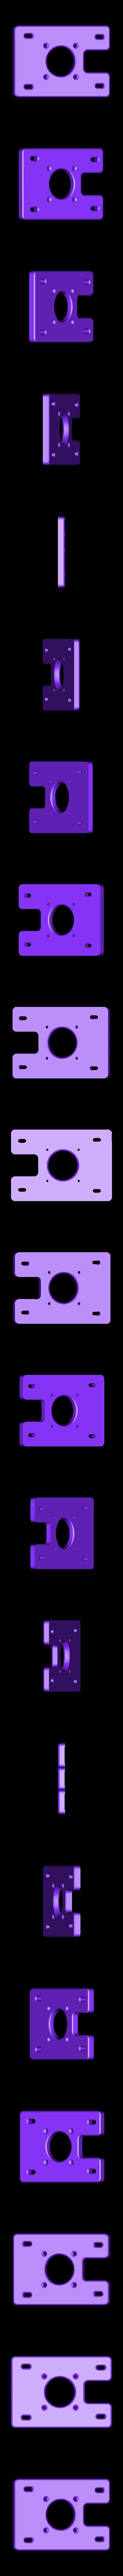 slider-motor-mount.stl Télécharger fichier STL gratuit Slider de caméra motorisé MK3 • Modèle pour impression 3D, Adafruit